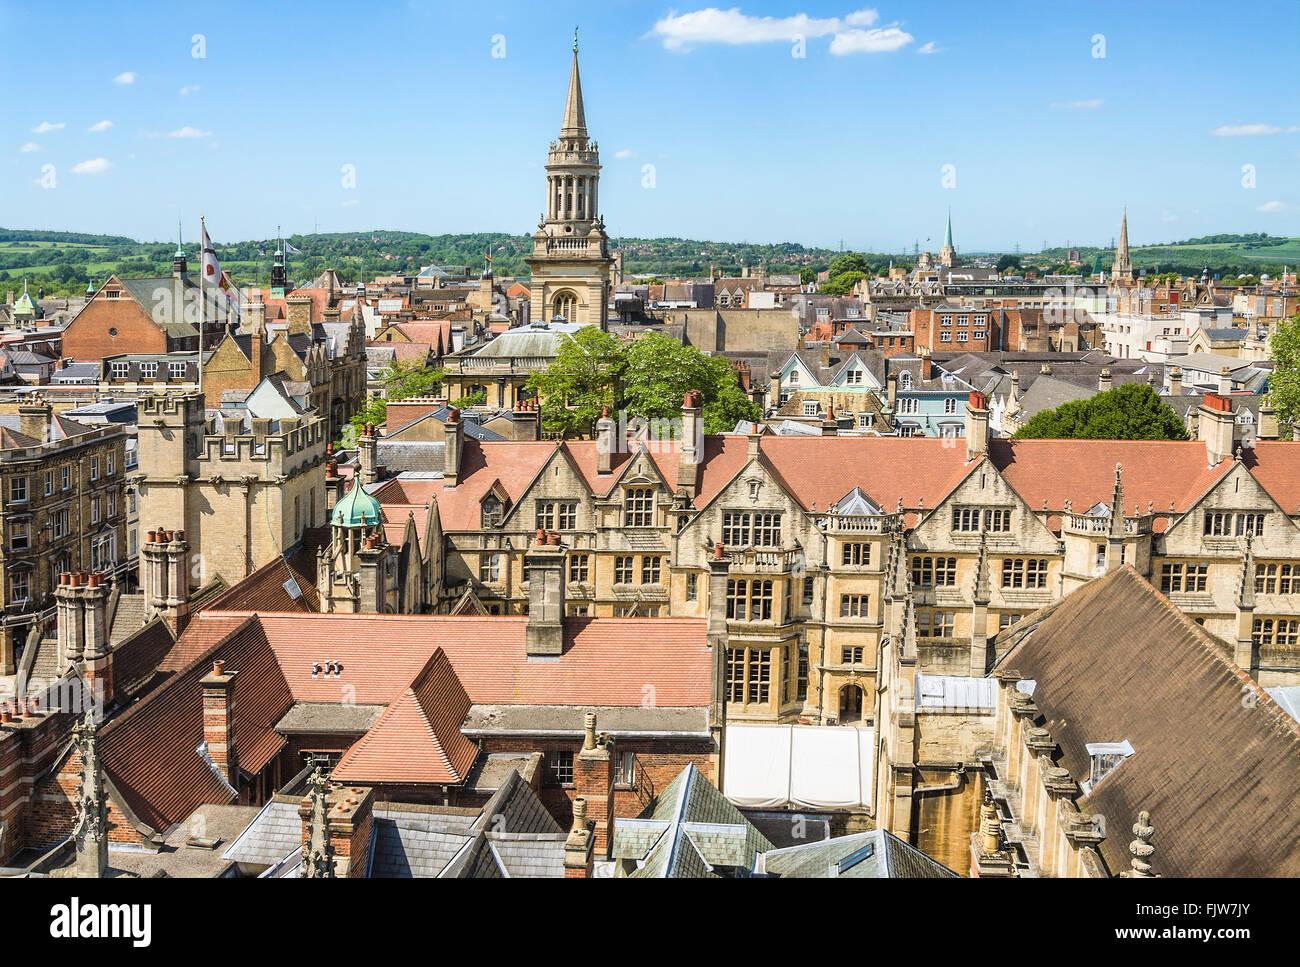 Mittelalterliche Skyline von der Universitätsstadt Oxford England.   Aussicht-deutschen sterben Altstadt von Stockbild